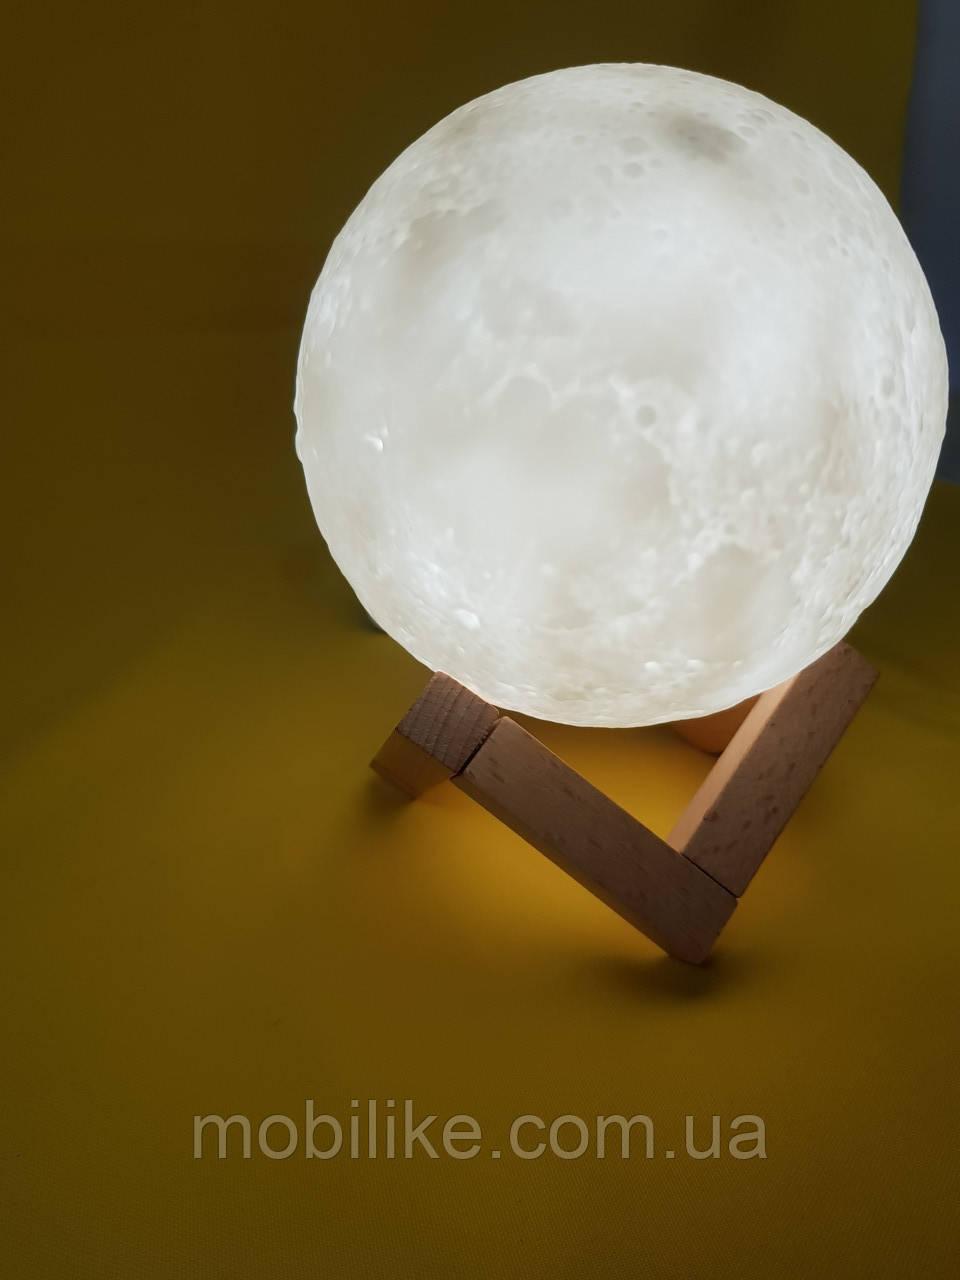 """Качественный увлажнитель воздуха """"Луна"""" 3D moon lamp light"""